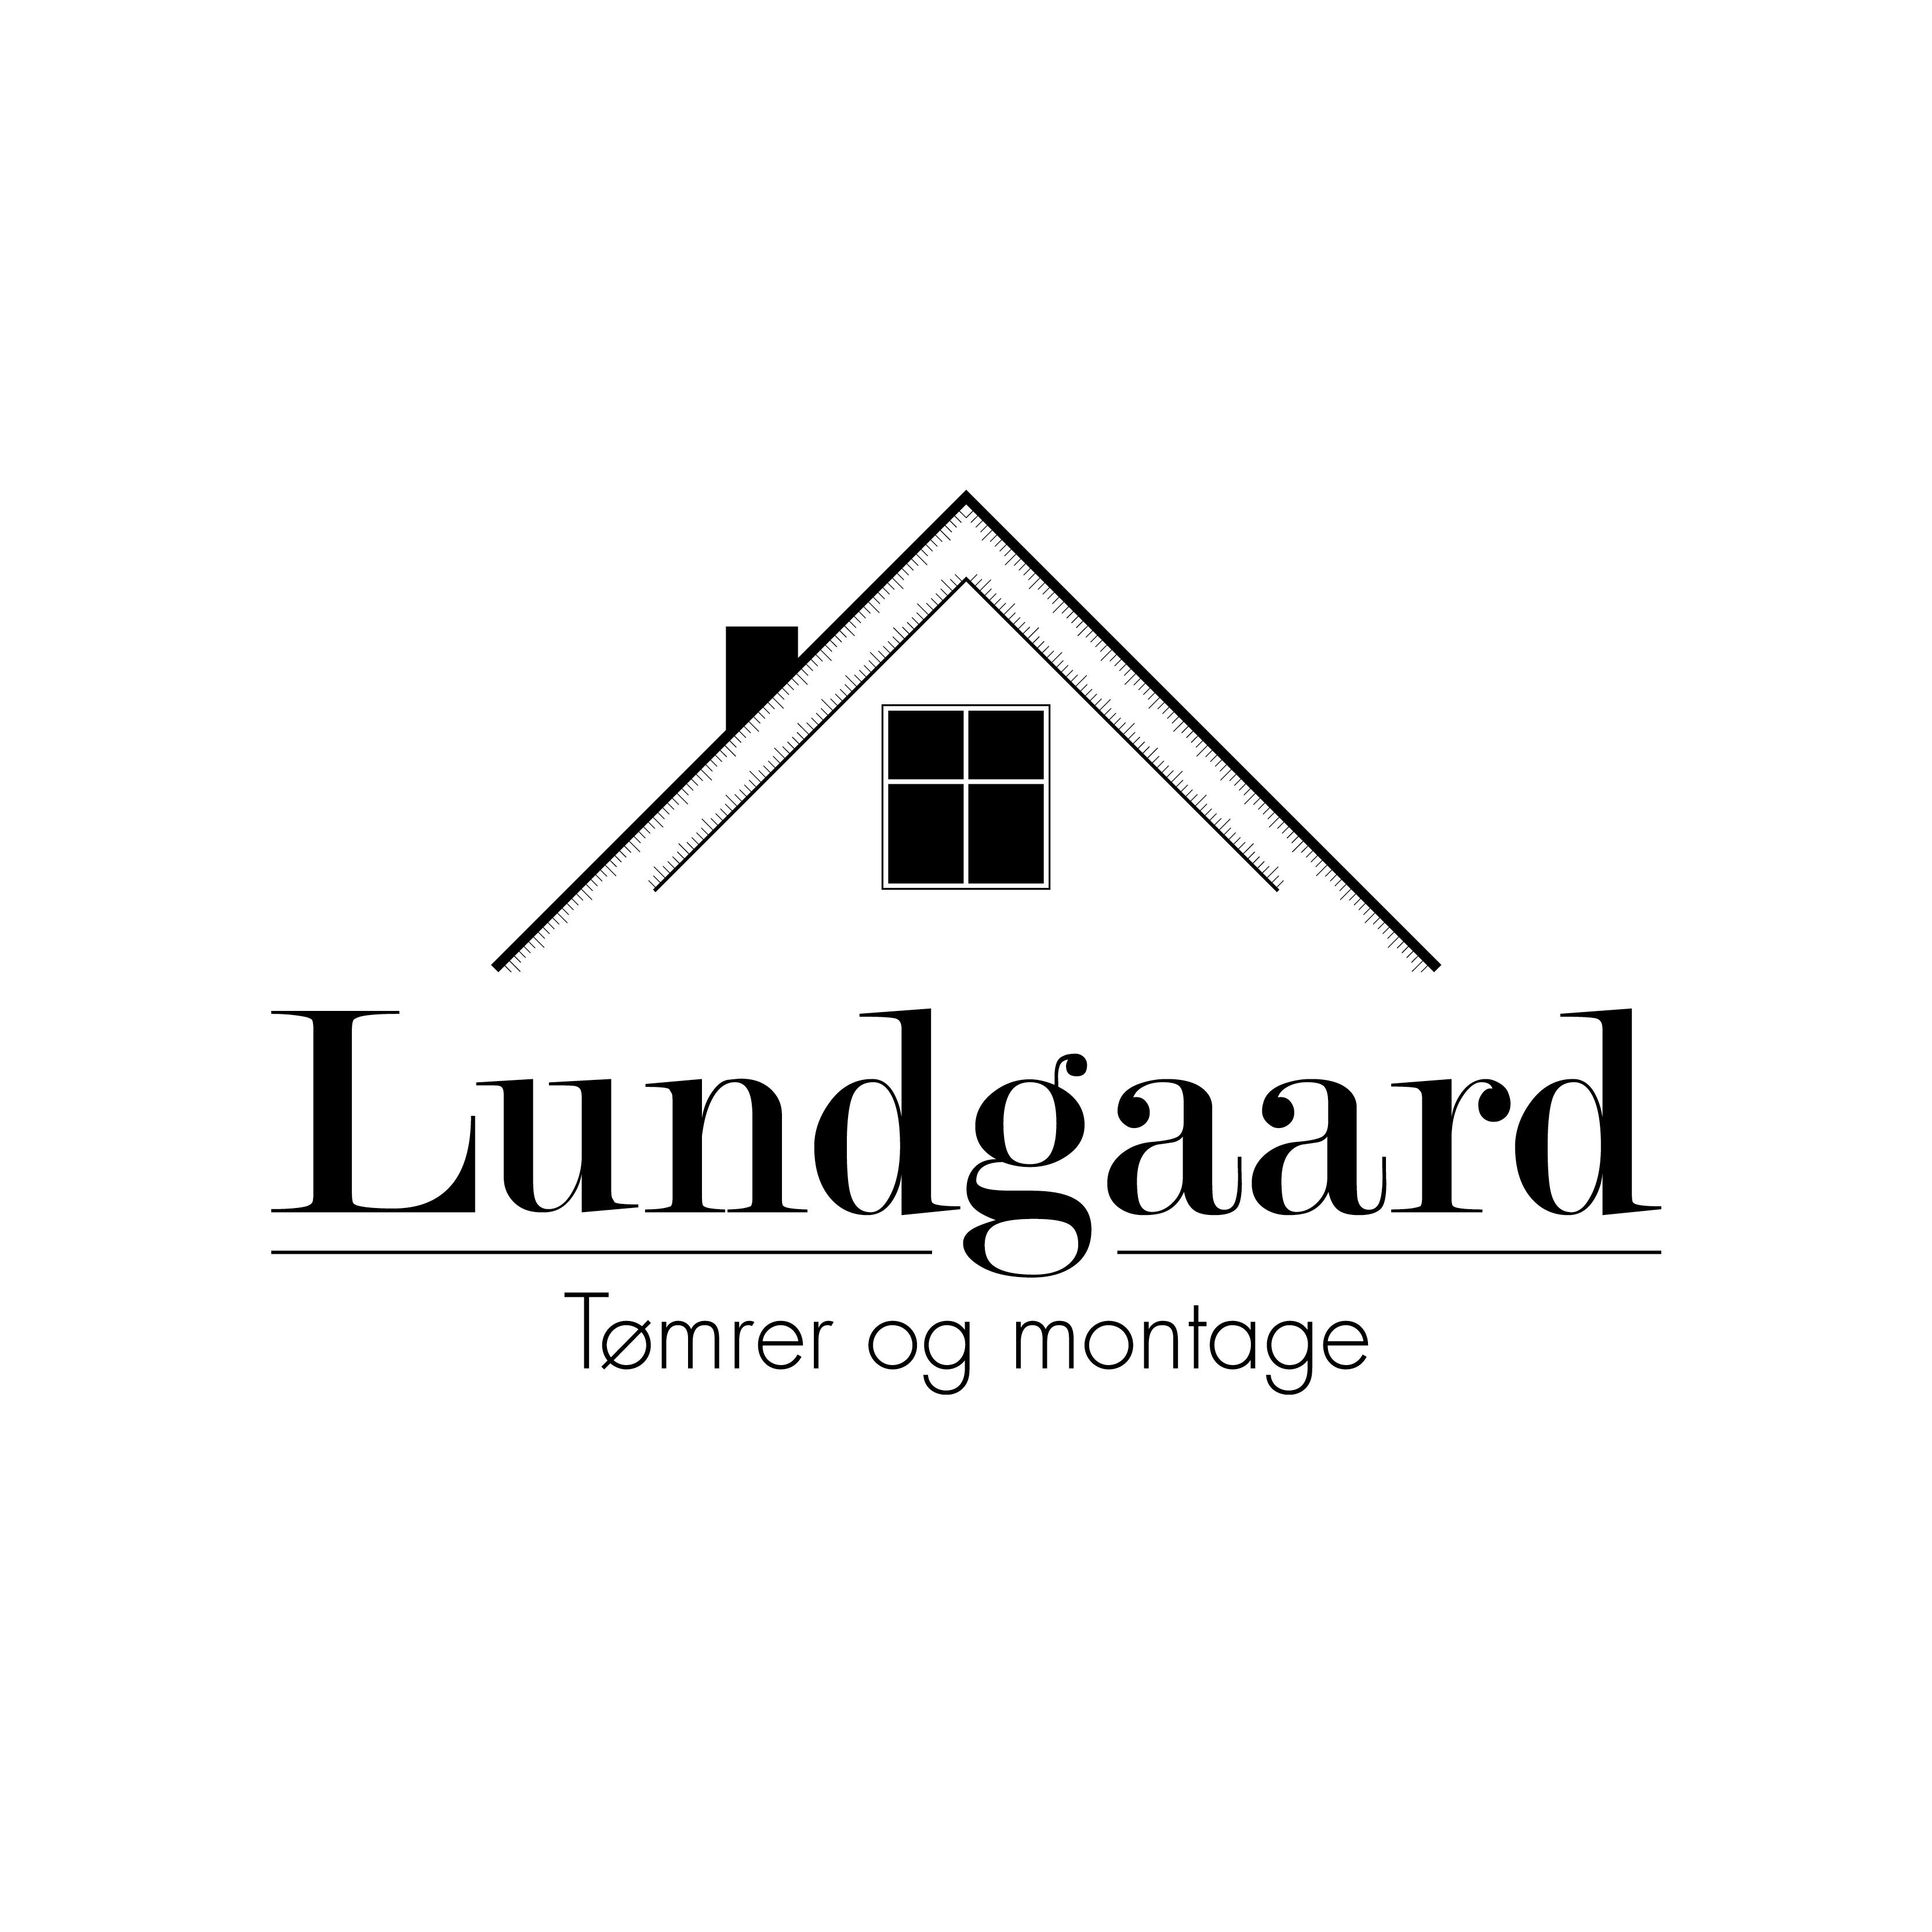 Unikt logo til din virksomhed - Lindstedt Graphic Design Studio - Lundgaard